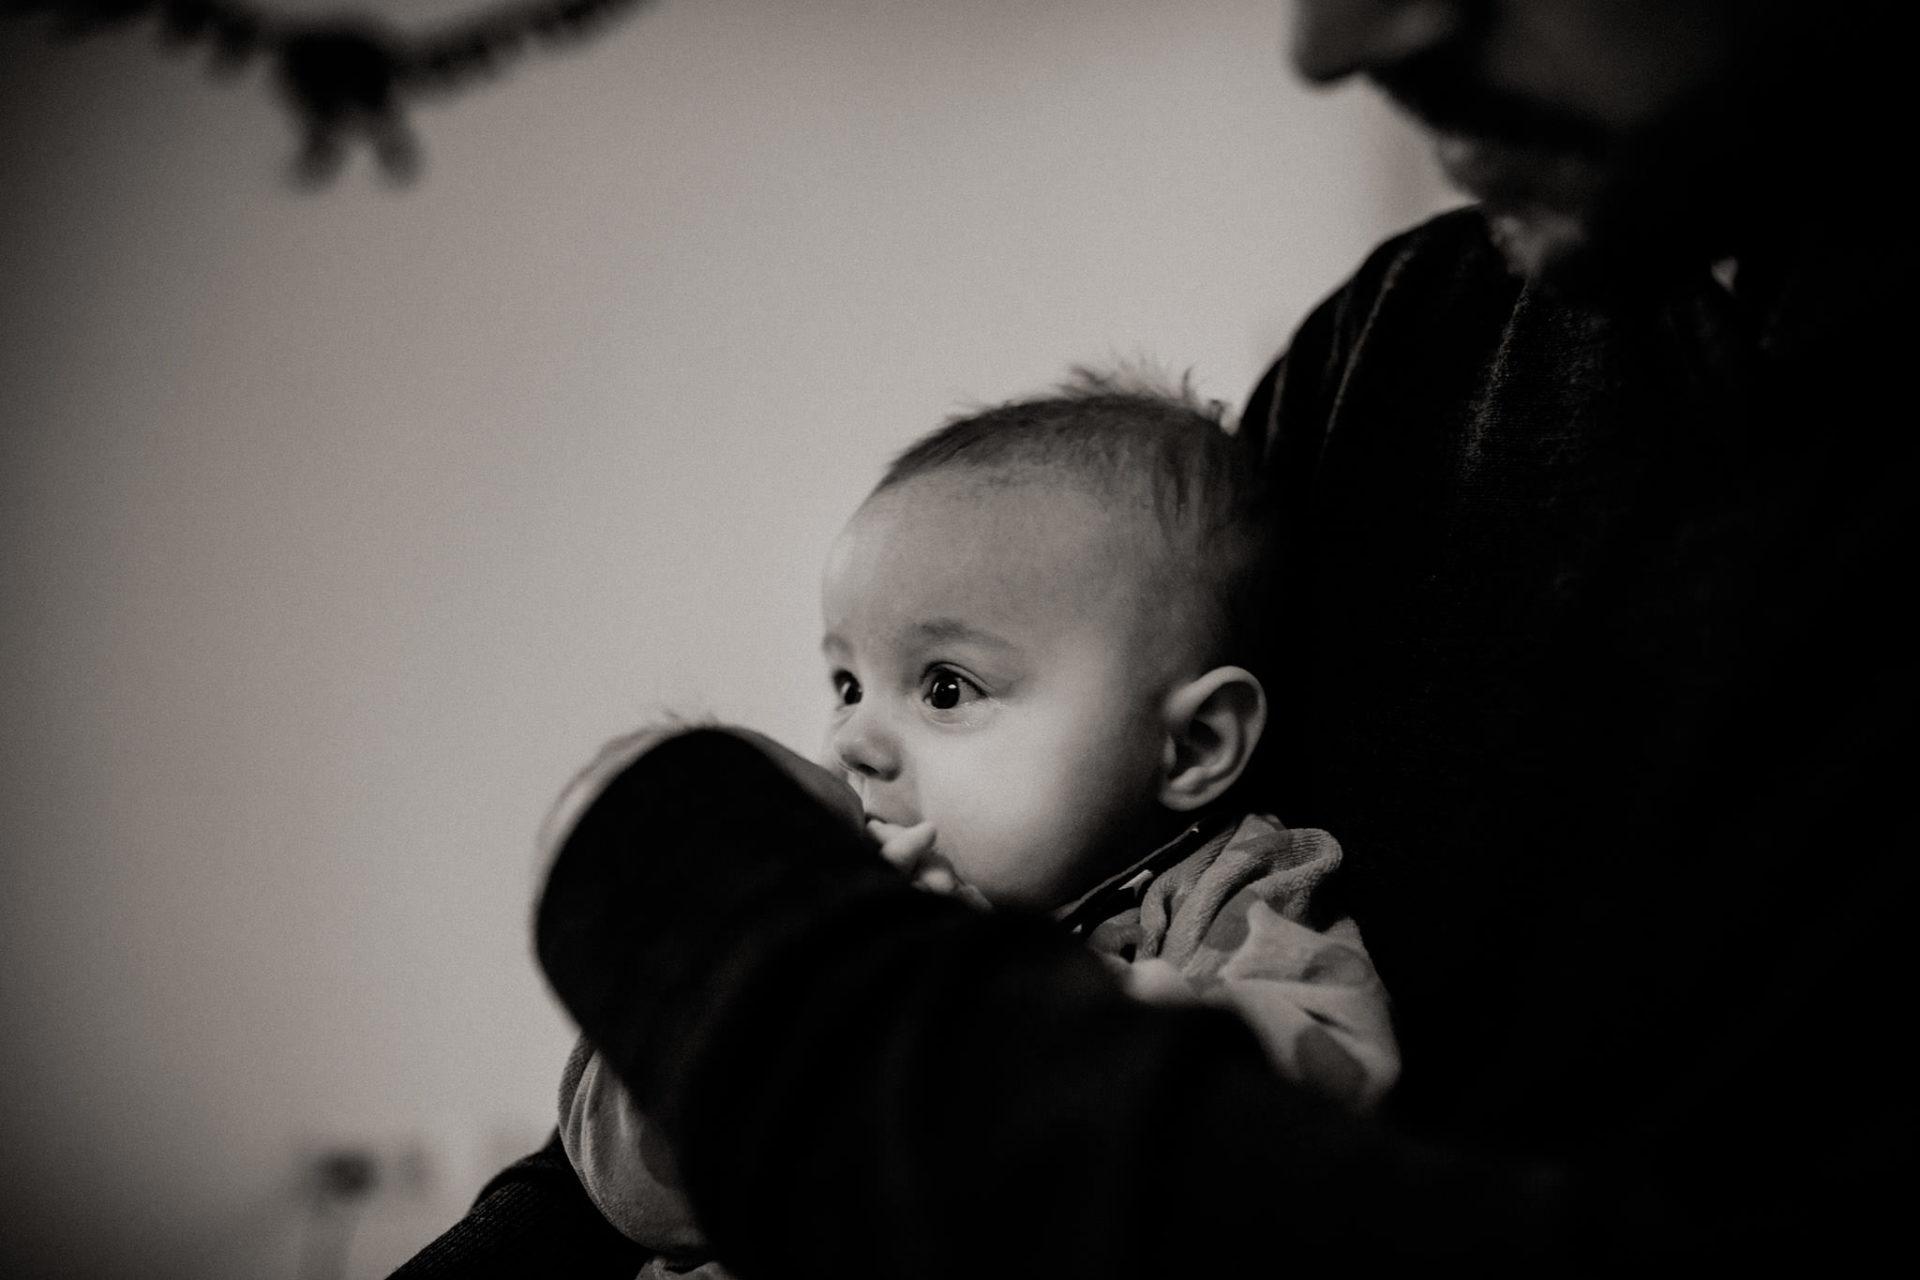 familienfotografie-mainz-journalistische-kinderbilder-papa-baby-tochter-schnuller-schwarzweiss